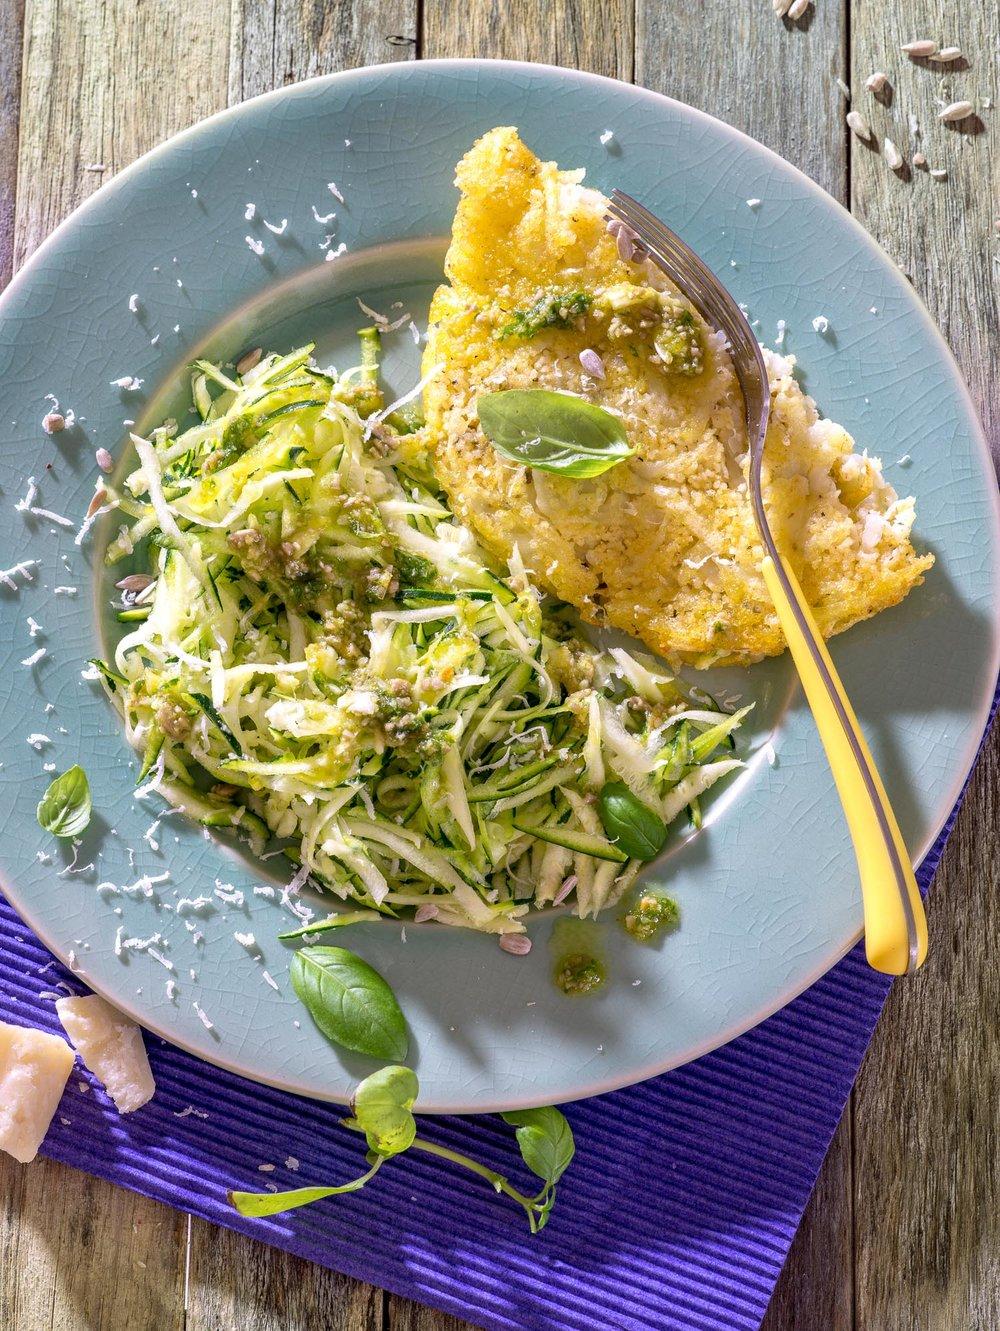 03410 Rosti de patata y mijo con ensalada de calabacin.jpg